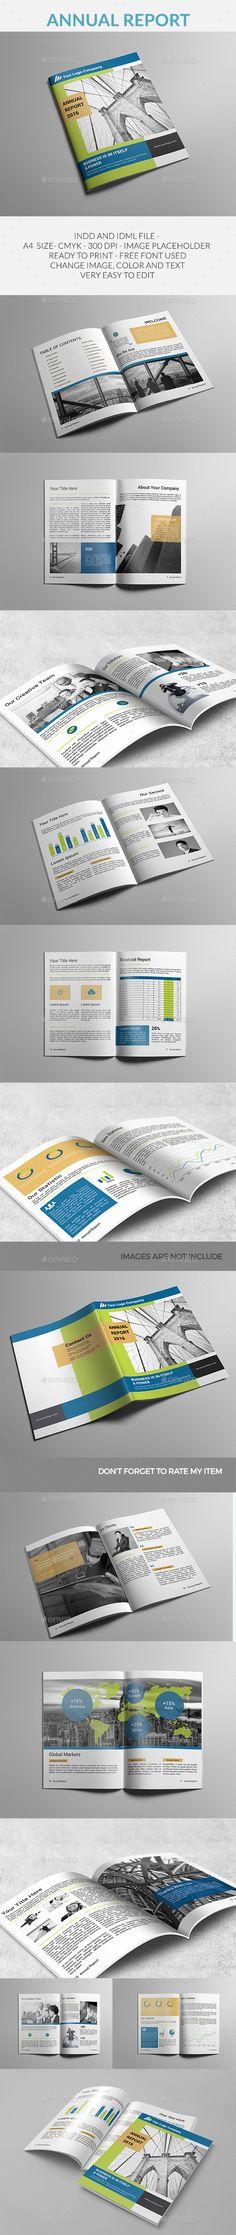 Annual Report Annual Report Template u2014 PSD